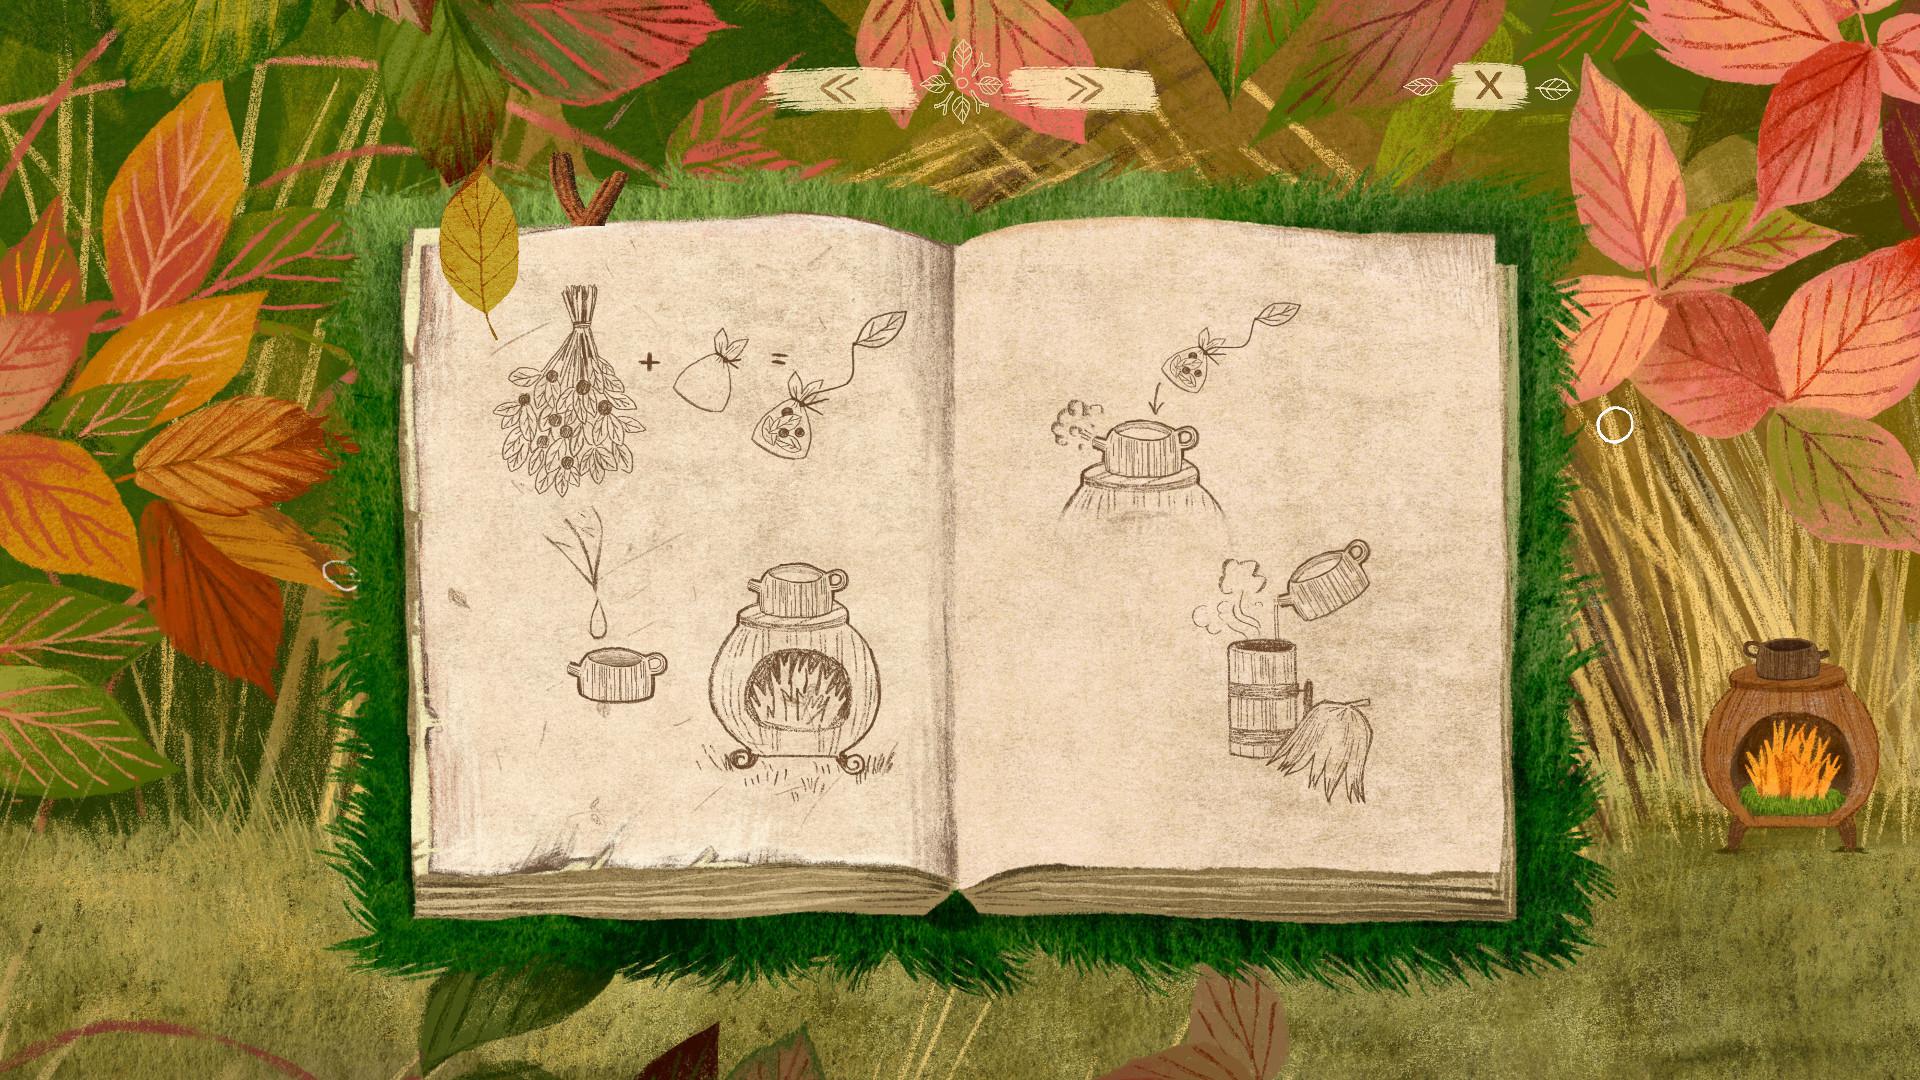 休闲解谜游戏《Tukoni》Steam开启抢先体验 Tukoni 游戏资讯 第4张